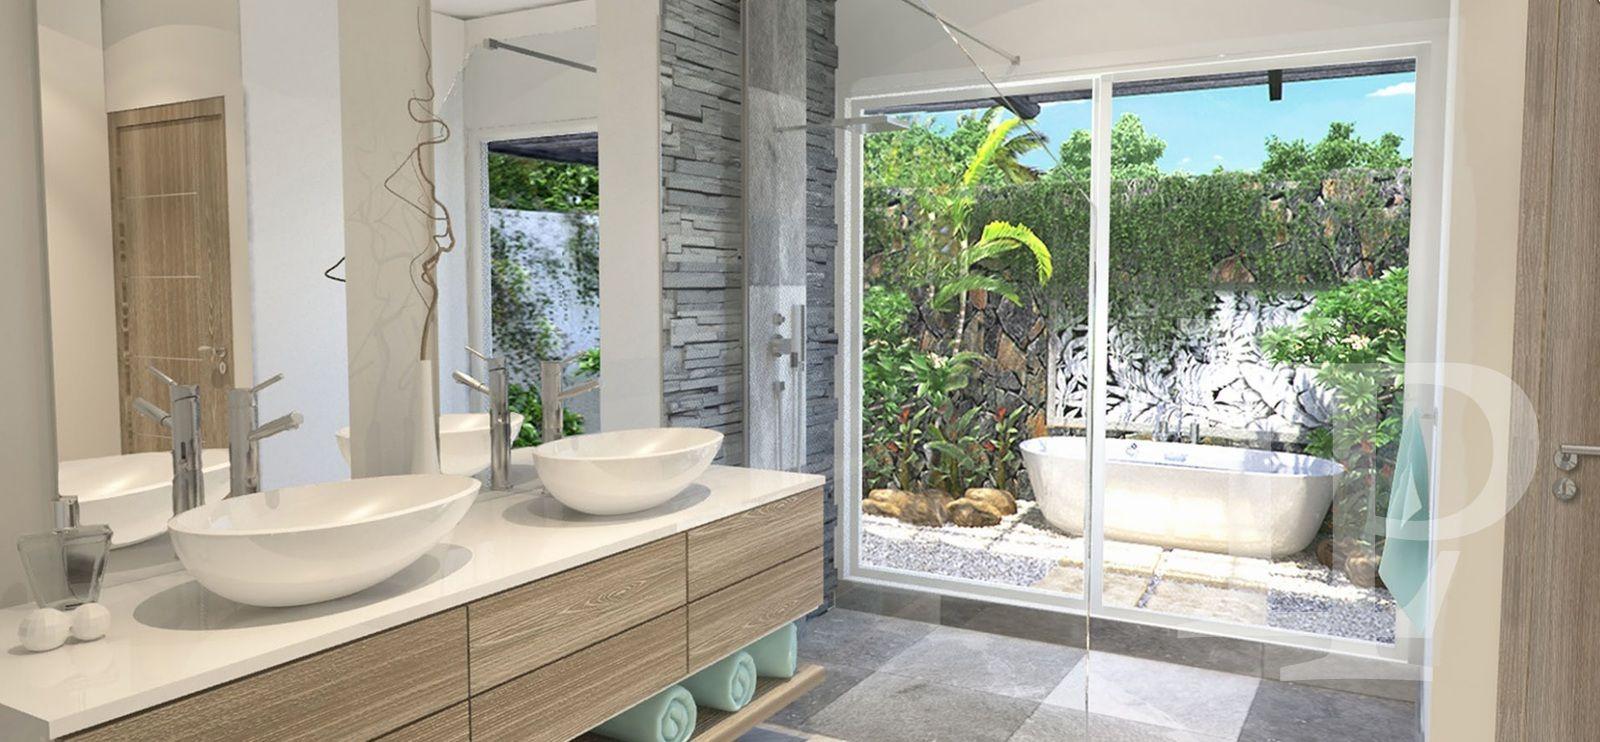 Luxusní vybavená vila, 3+kk Grand Baie, Mauricius, 126 m2.